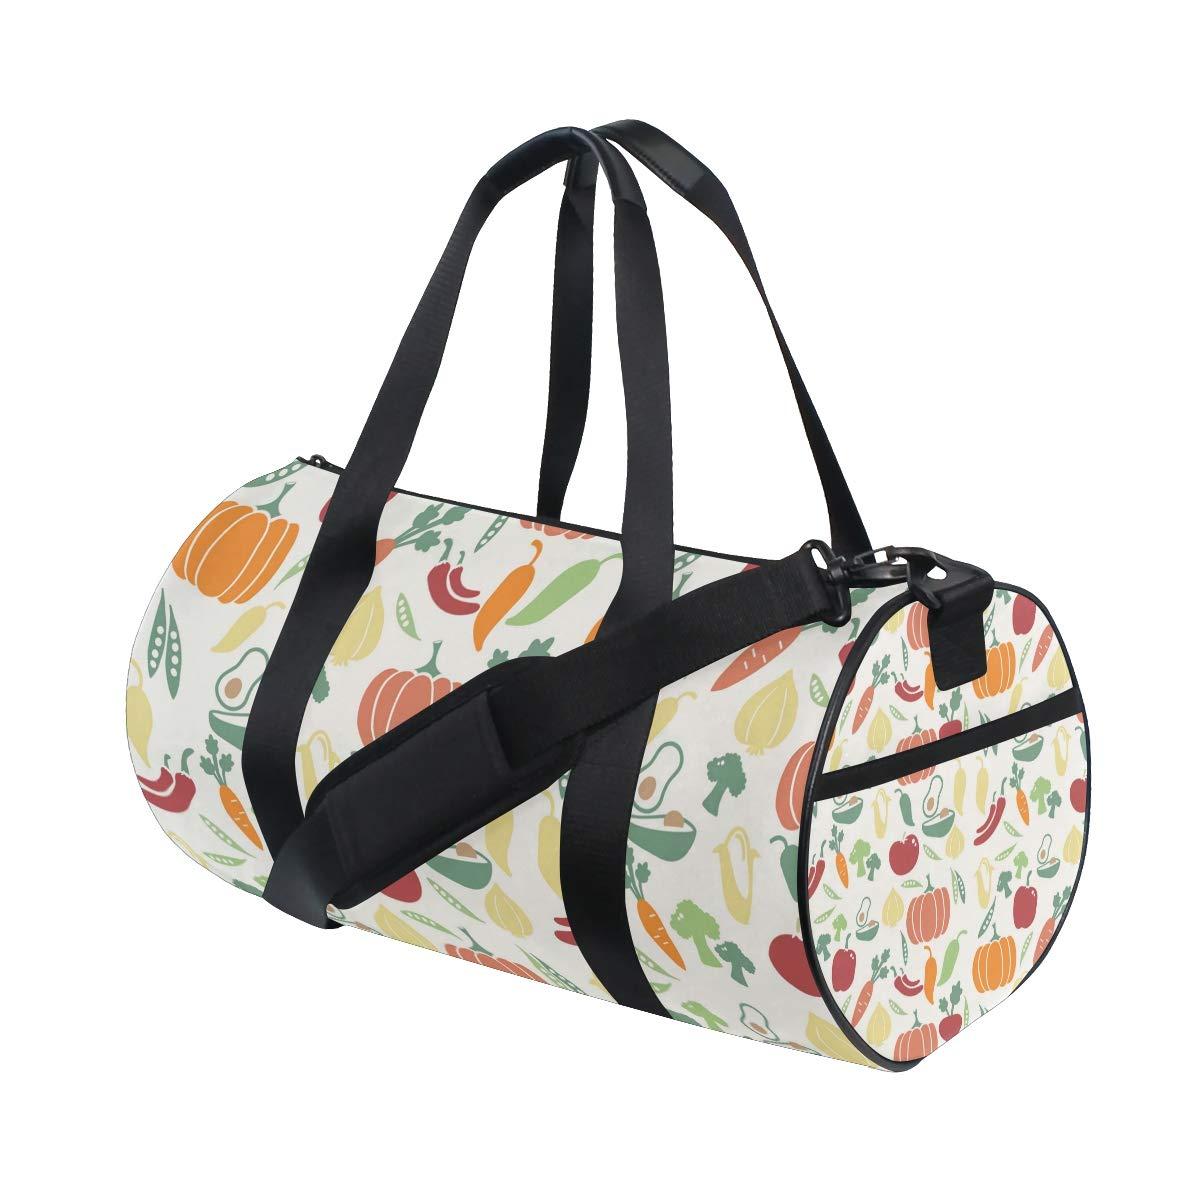 Waterproof Non-Slip Wearable Crossbody Bag fitness bag Shoulder Bag Vegetable Fertilizer Picture